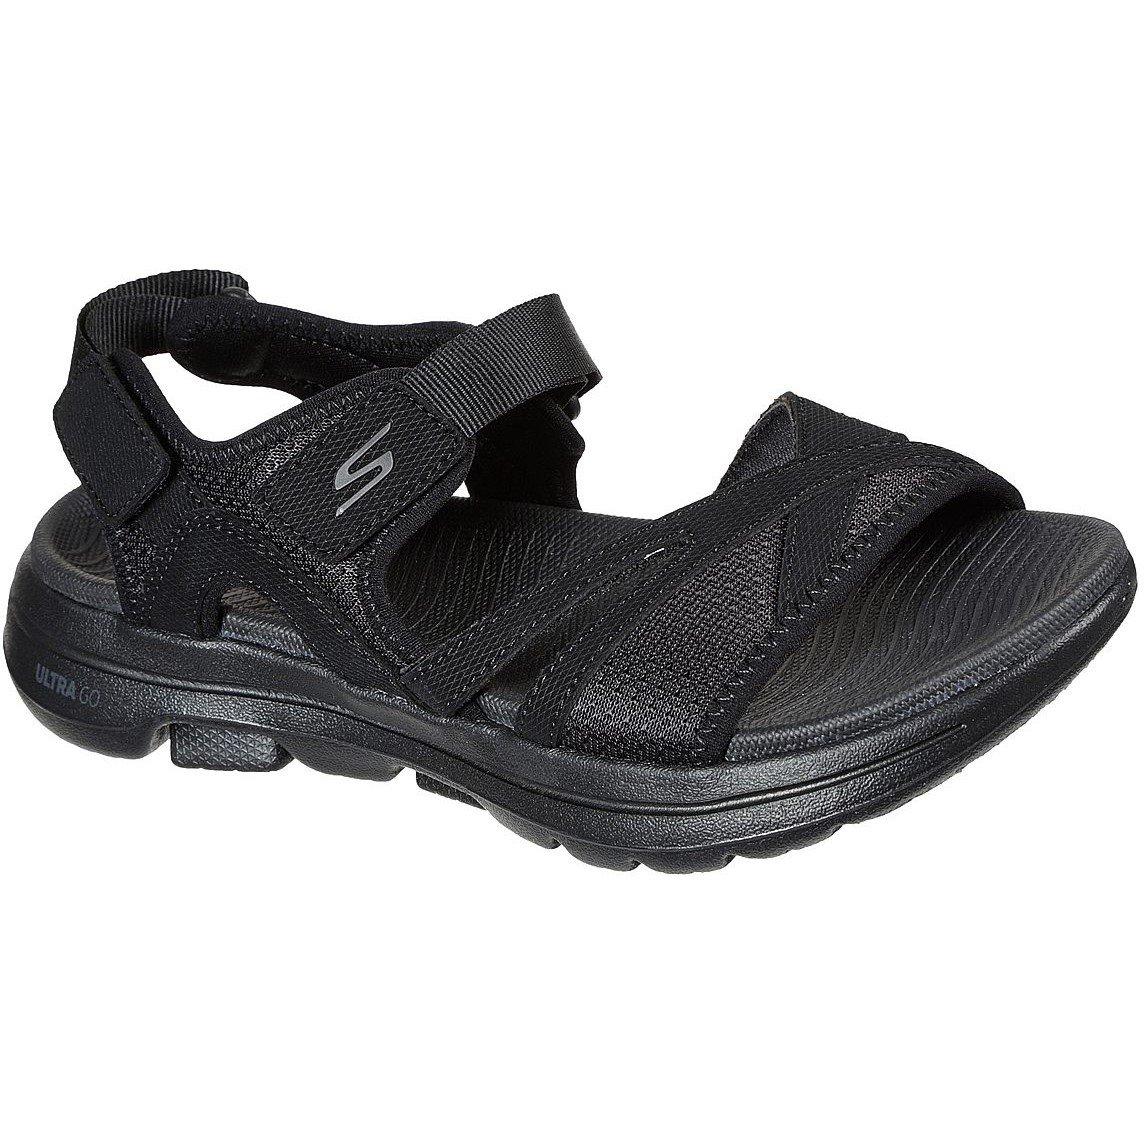 Skechers Women's Go Walk 5 Restored Summer Sandal Black 32155 - Black 7